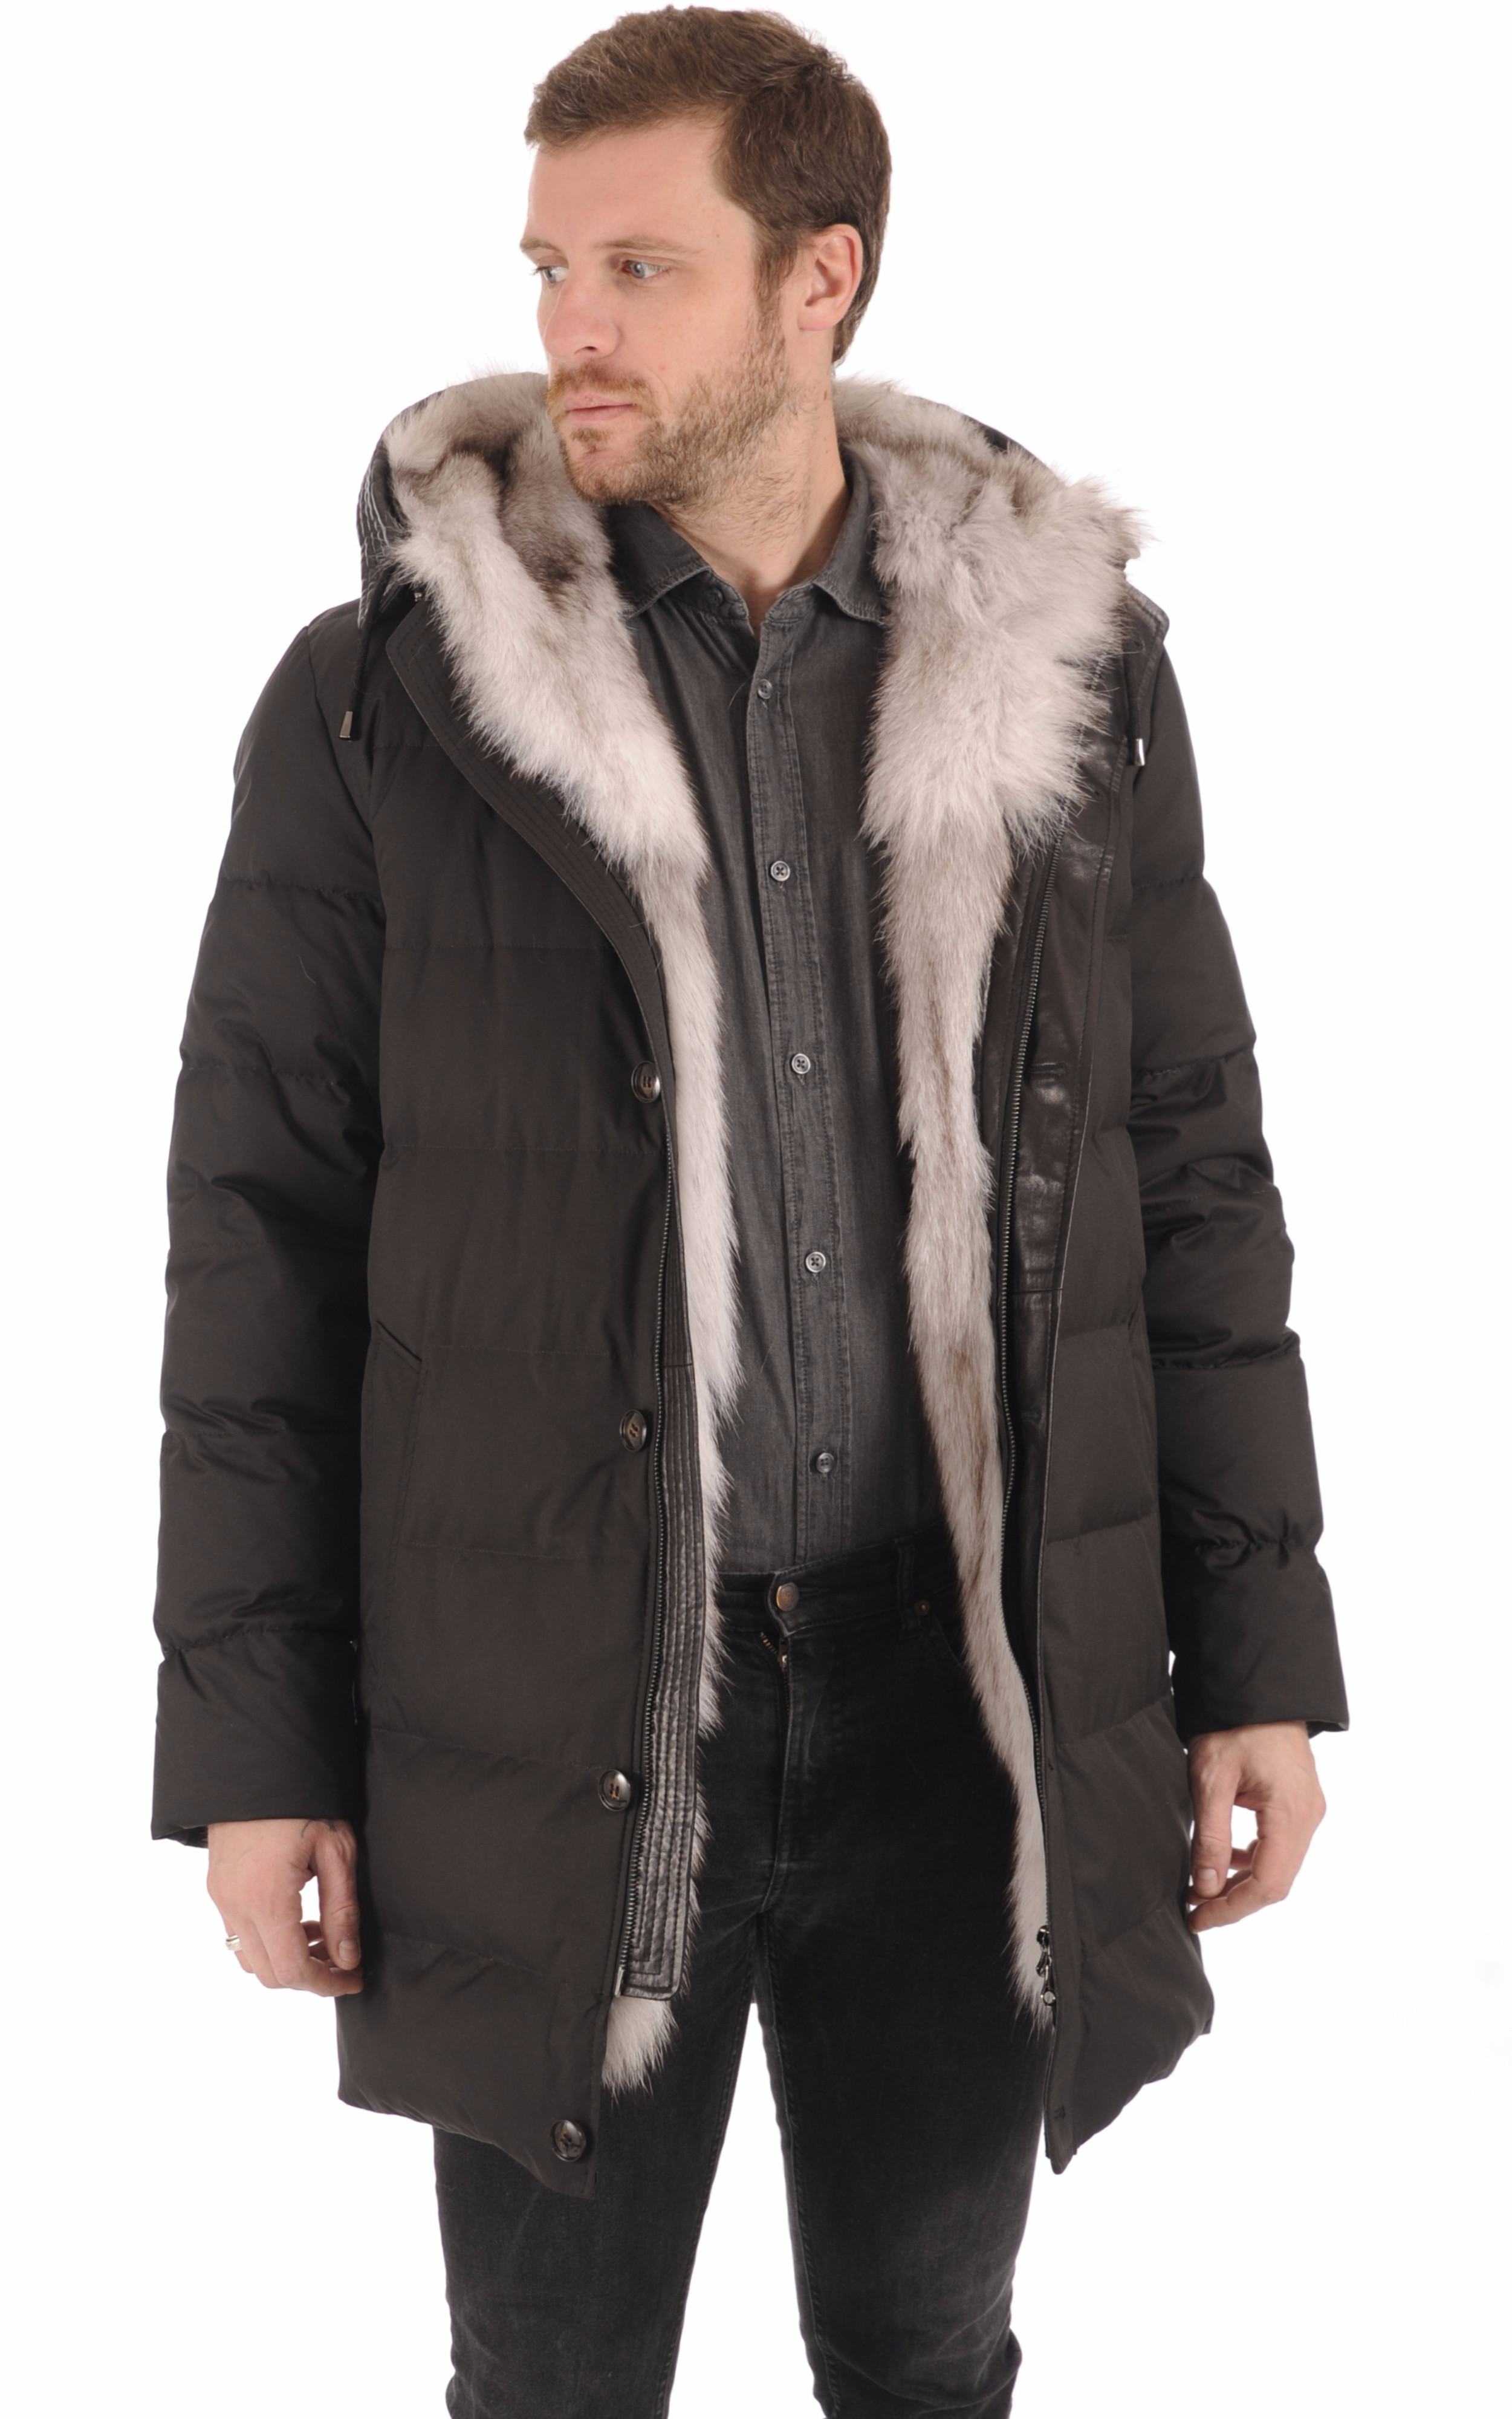 Doudoune noir fourrure renard La Canadienne